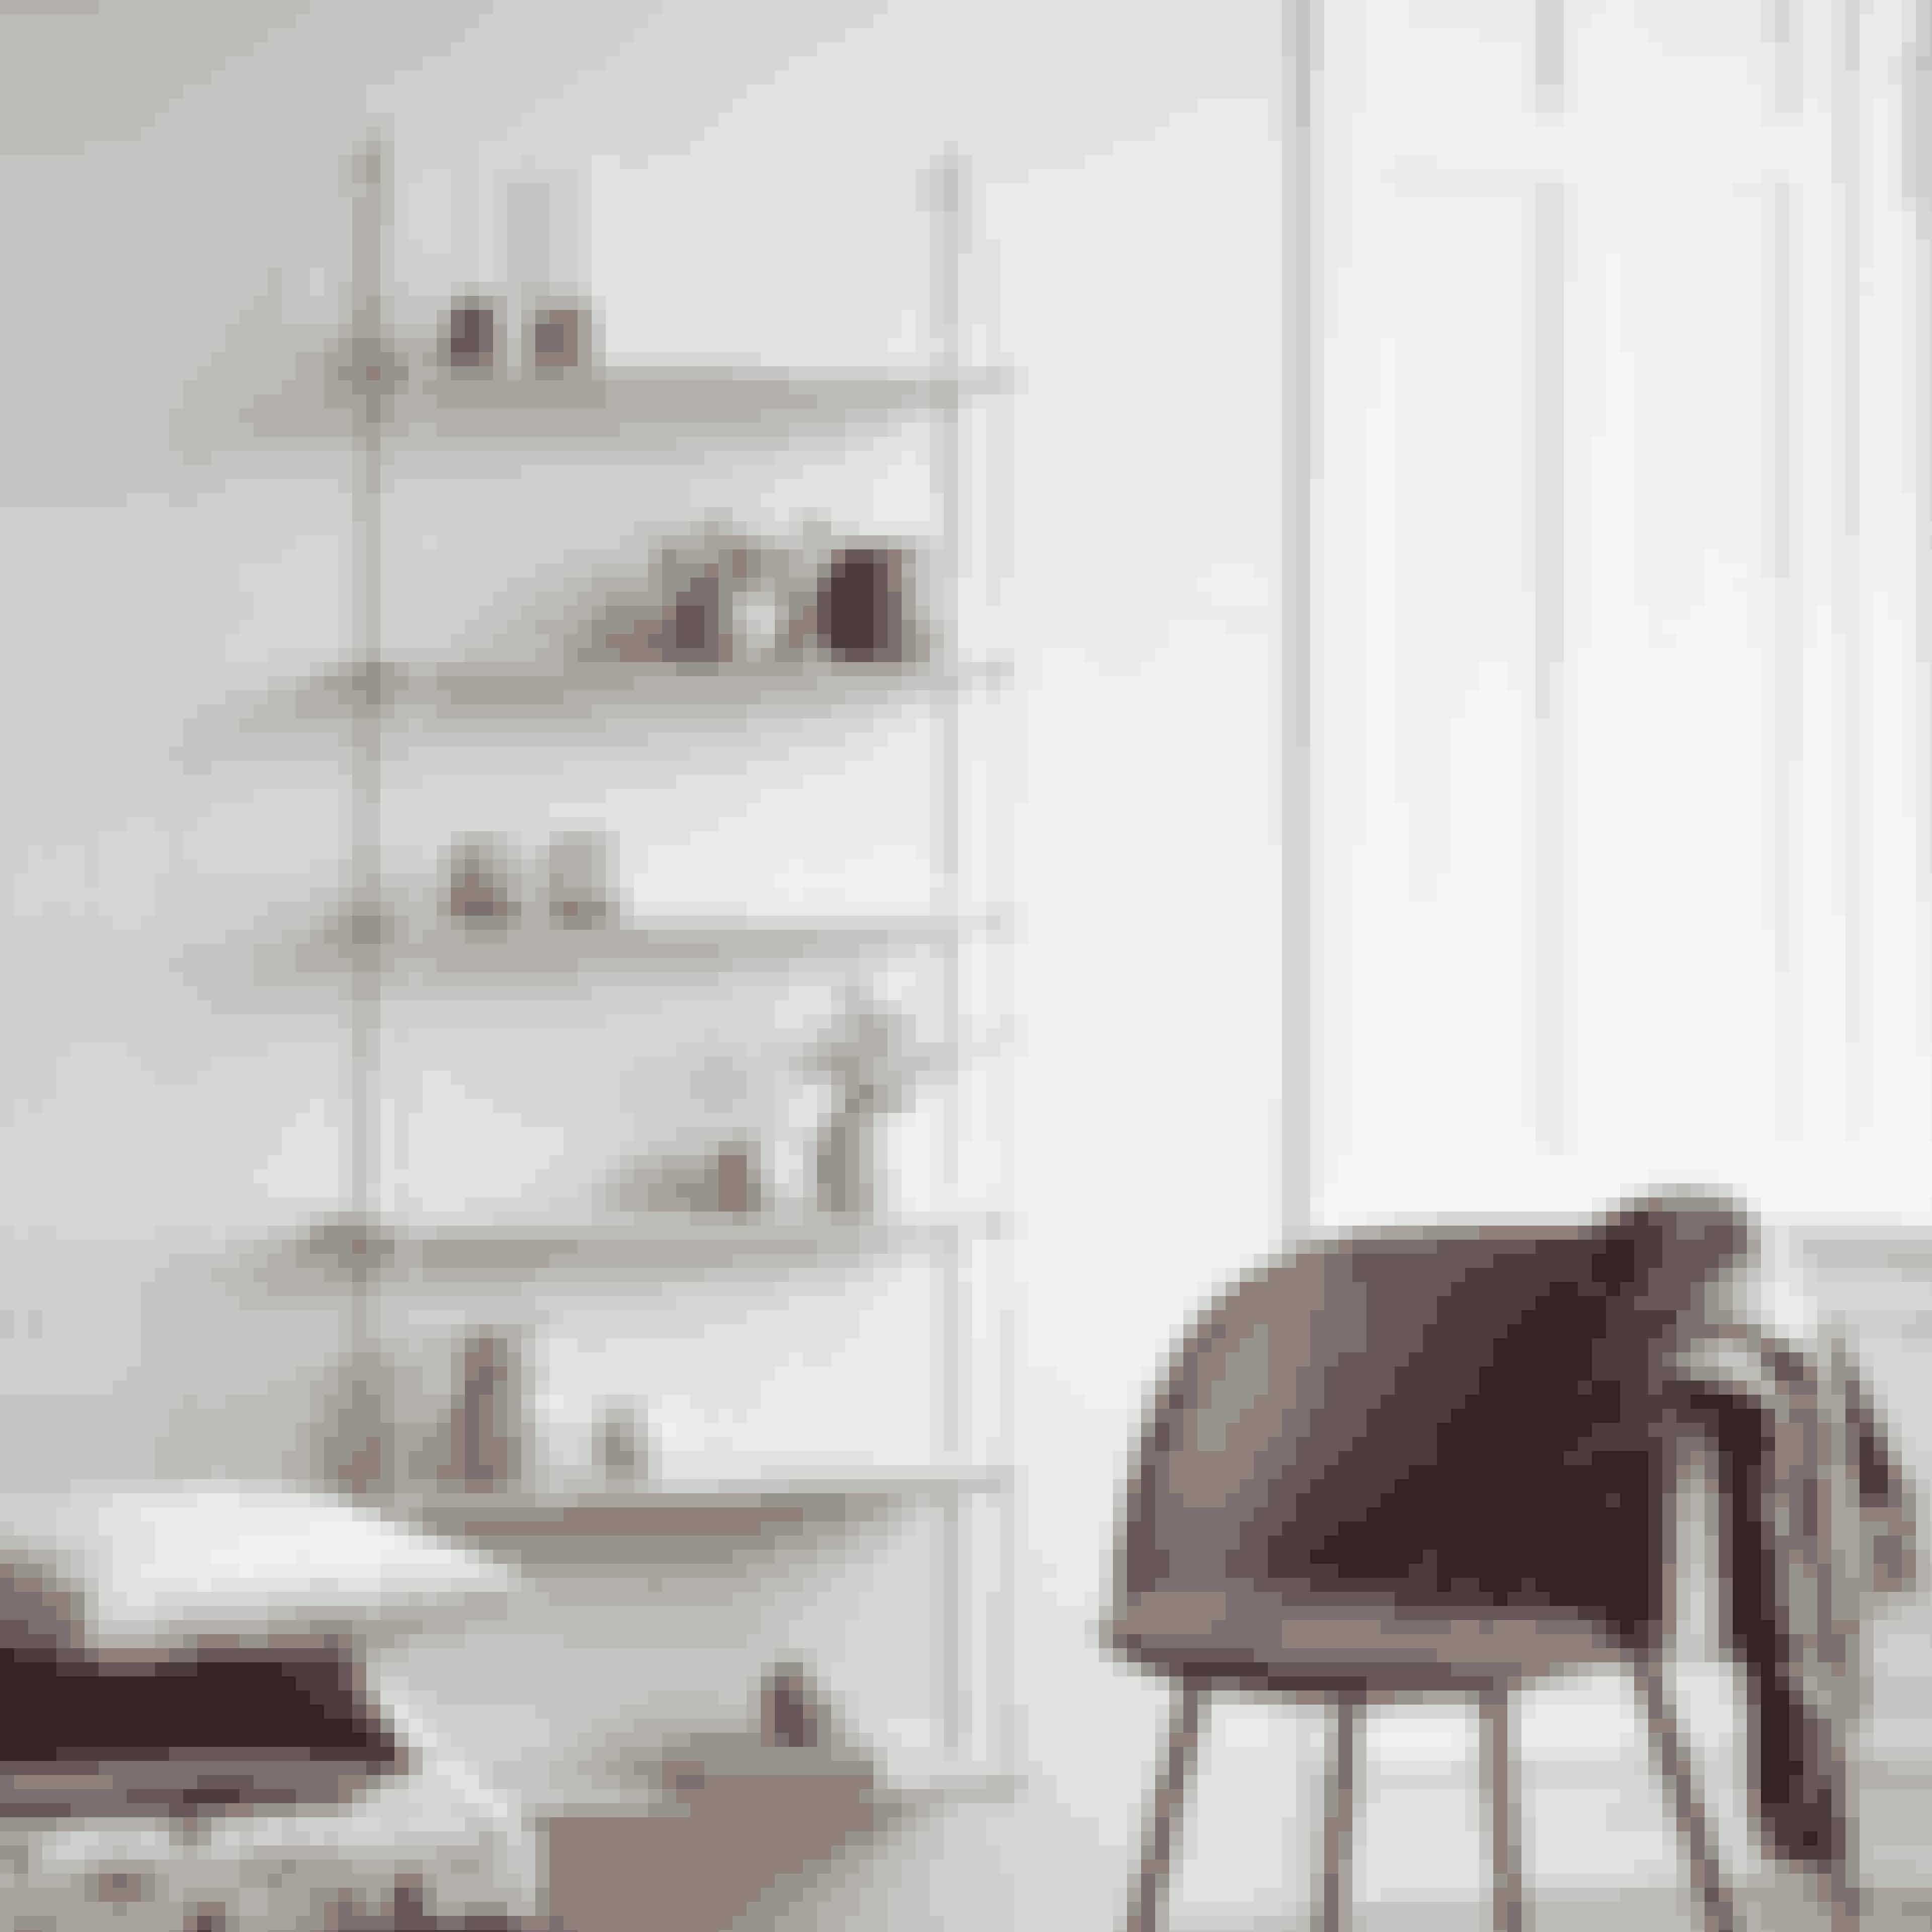 Den eftertragtede dekorationshylde er tilbage i en ny og større version. Hæng den ude i dit køkken til opbevaring eller inde i stuen - på den måde kan du fremvise alle dine yndlingsting.Dekorationshylde, 318 kr.